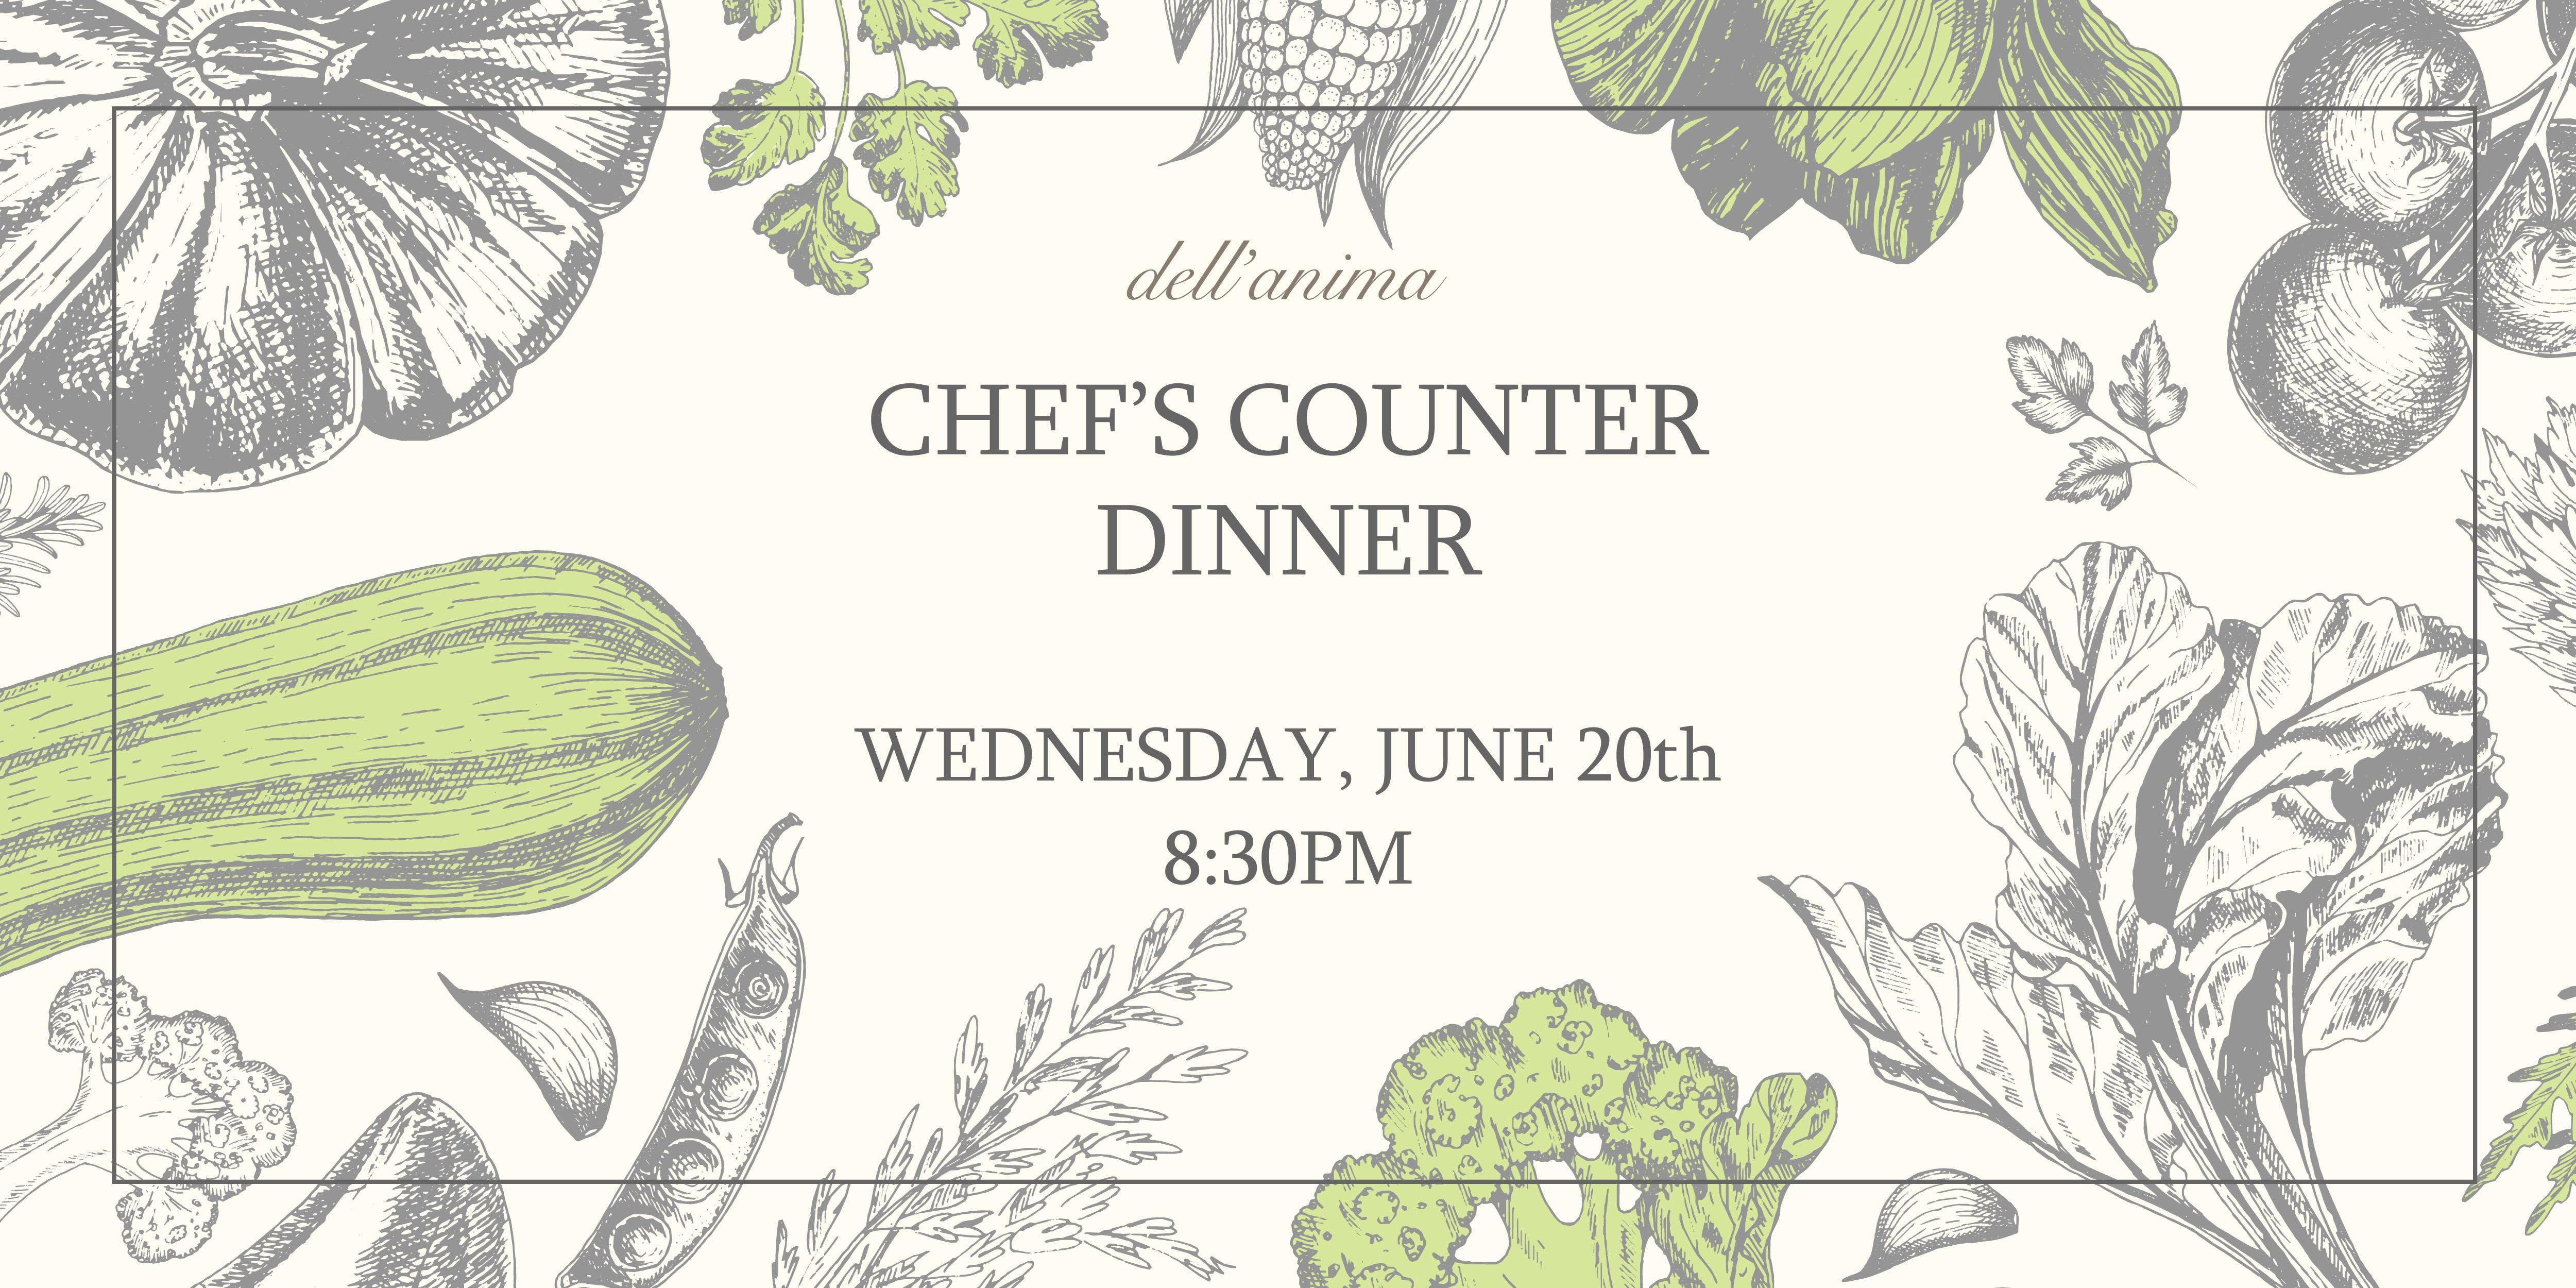 dellanima Chefs Counter Dinner June 2018